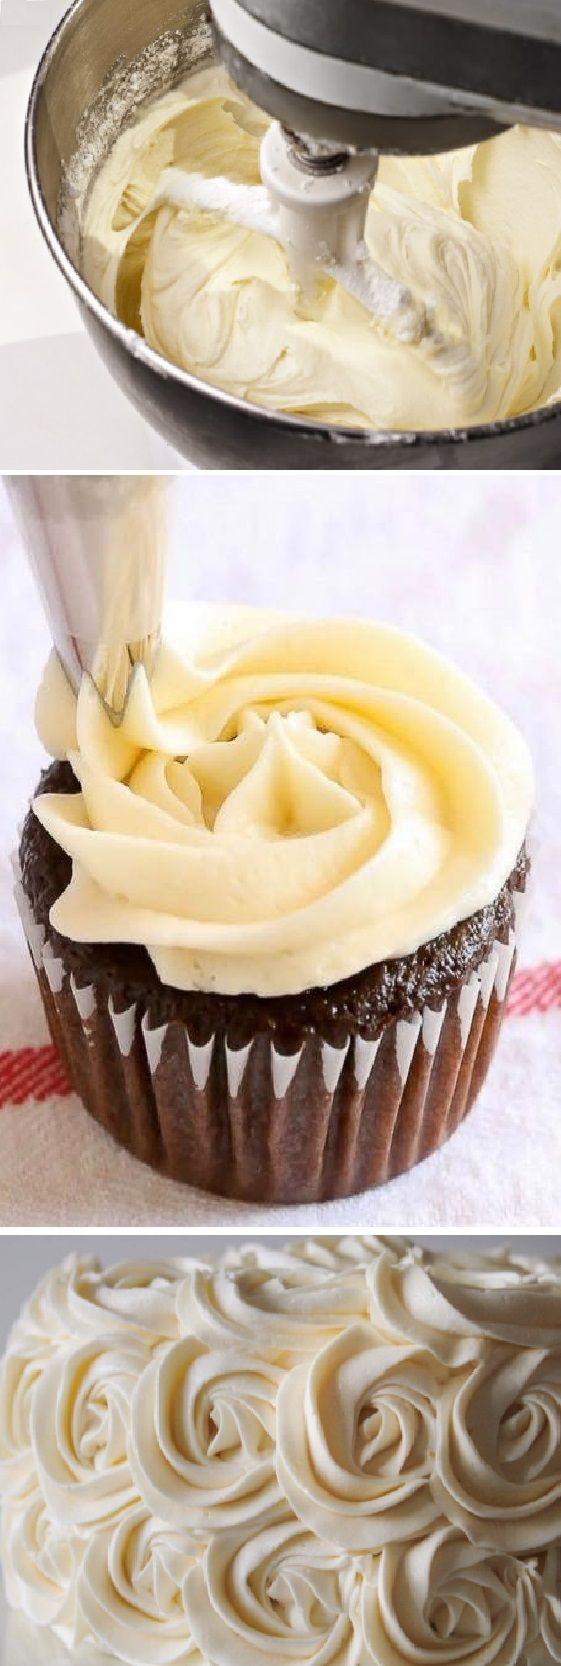 Cómo Hacer Crema De Mantequilla Ideal Para Cubrir Y Rellenar Postres Cremademantequilla Cupcake Crema De Mantequilla Cremas Dulces Crema De Manteca Receta